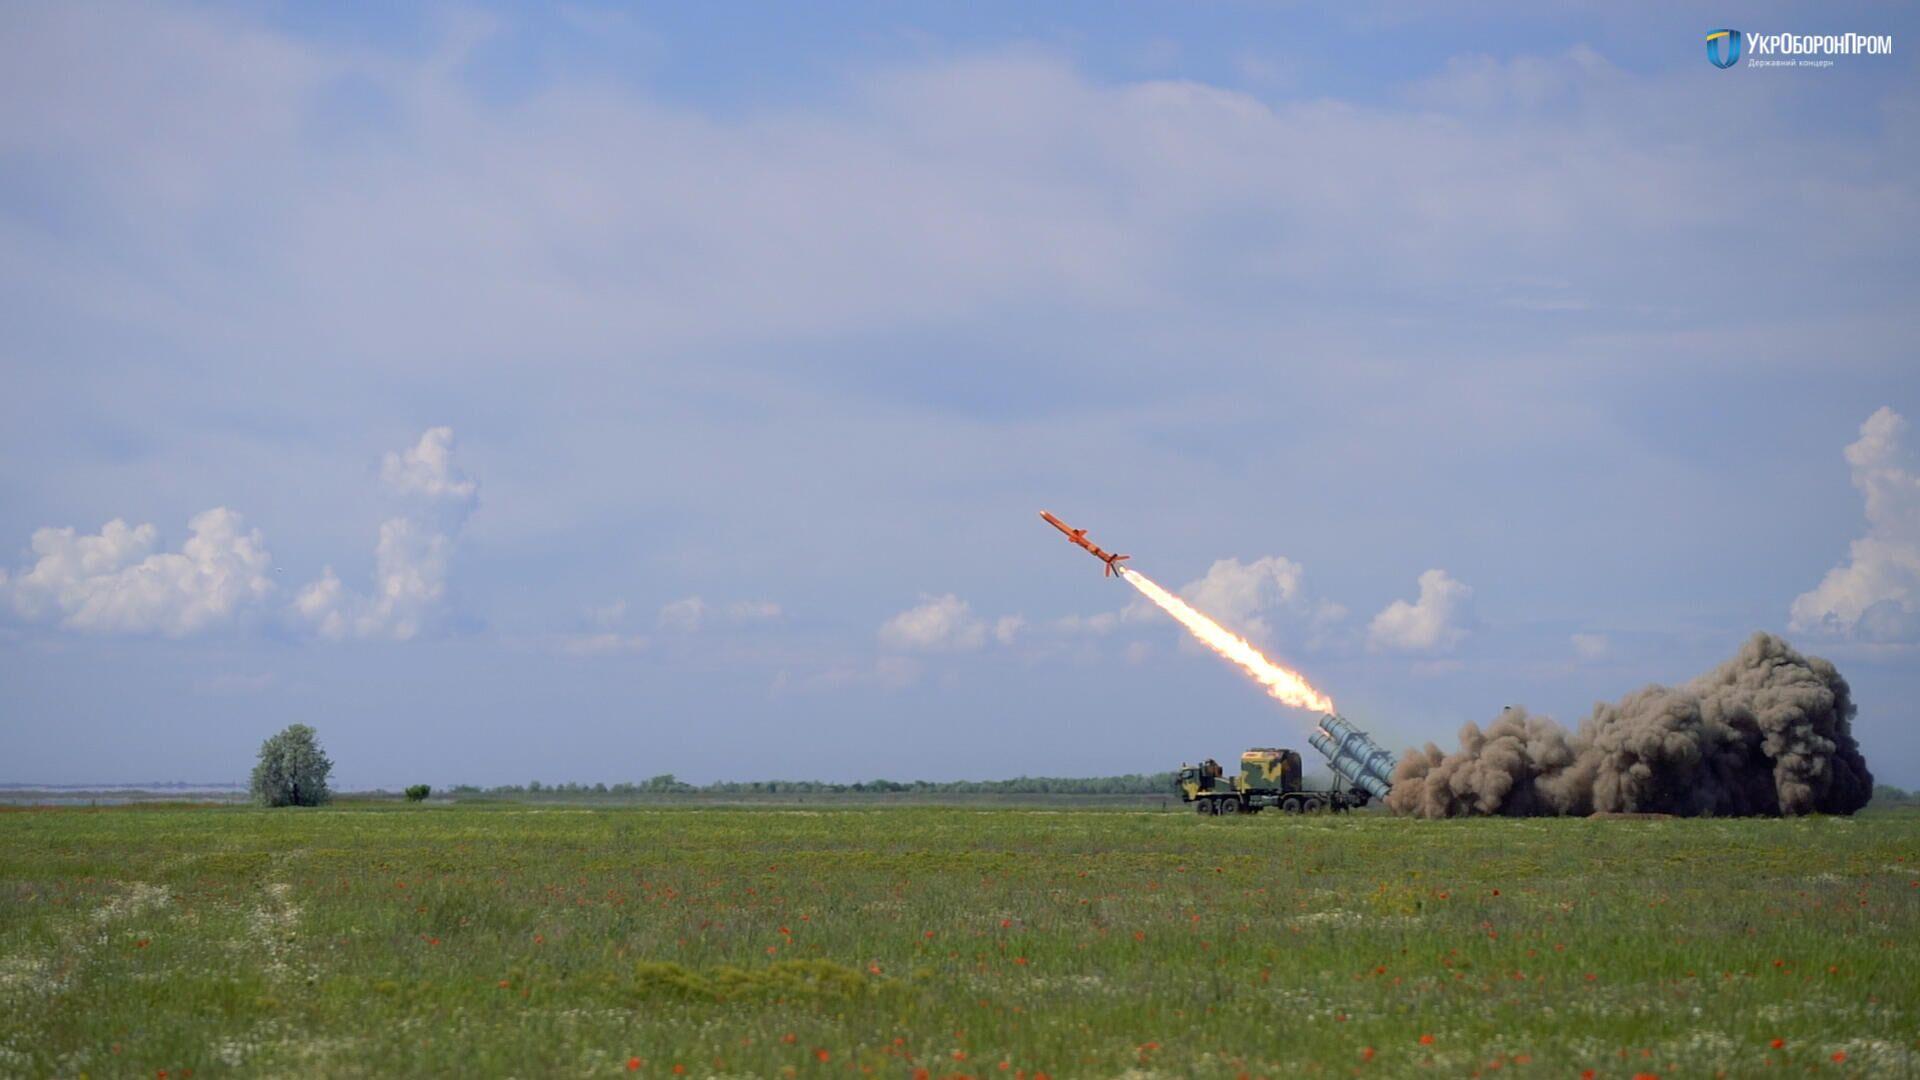 Испытание ракетного комплекса РК-360МЦ Нептун - РИА Новости, 1920, 04.07.2021